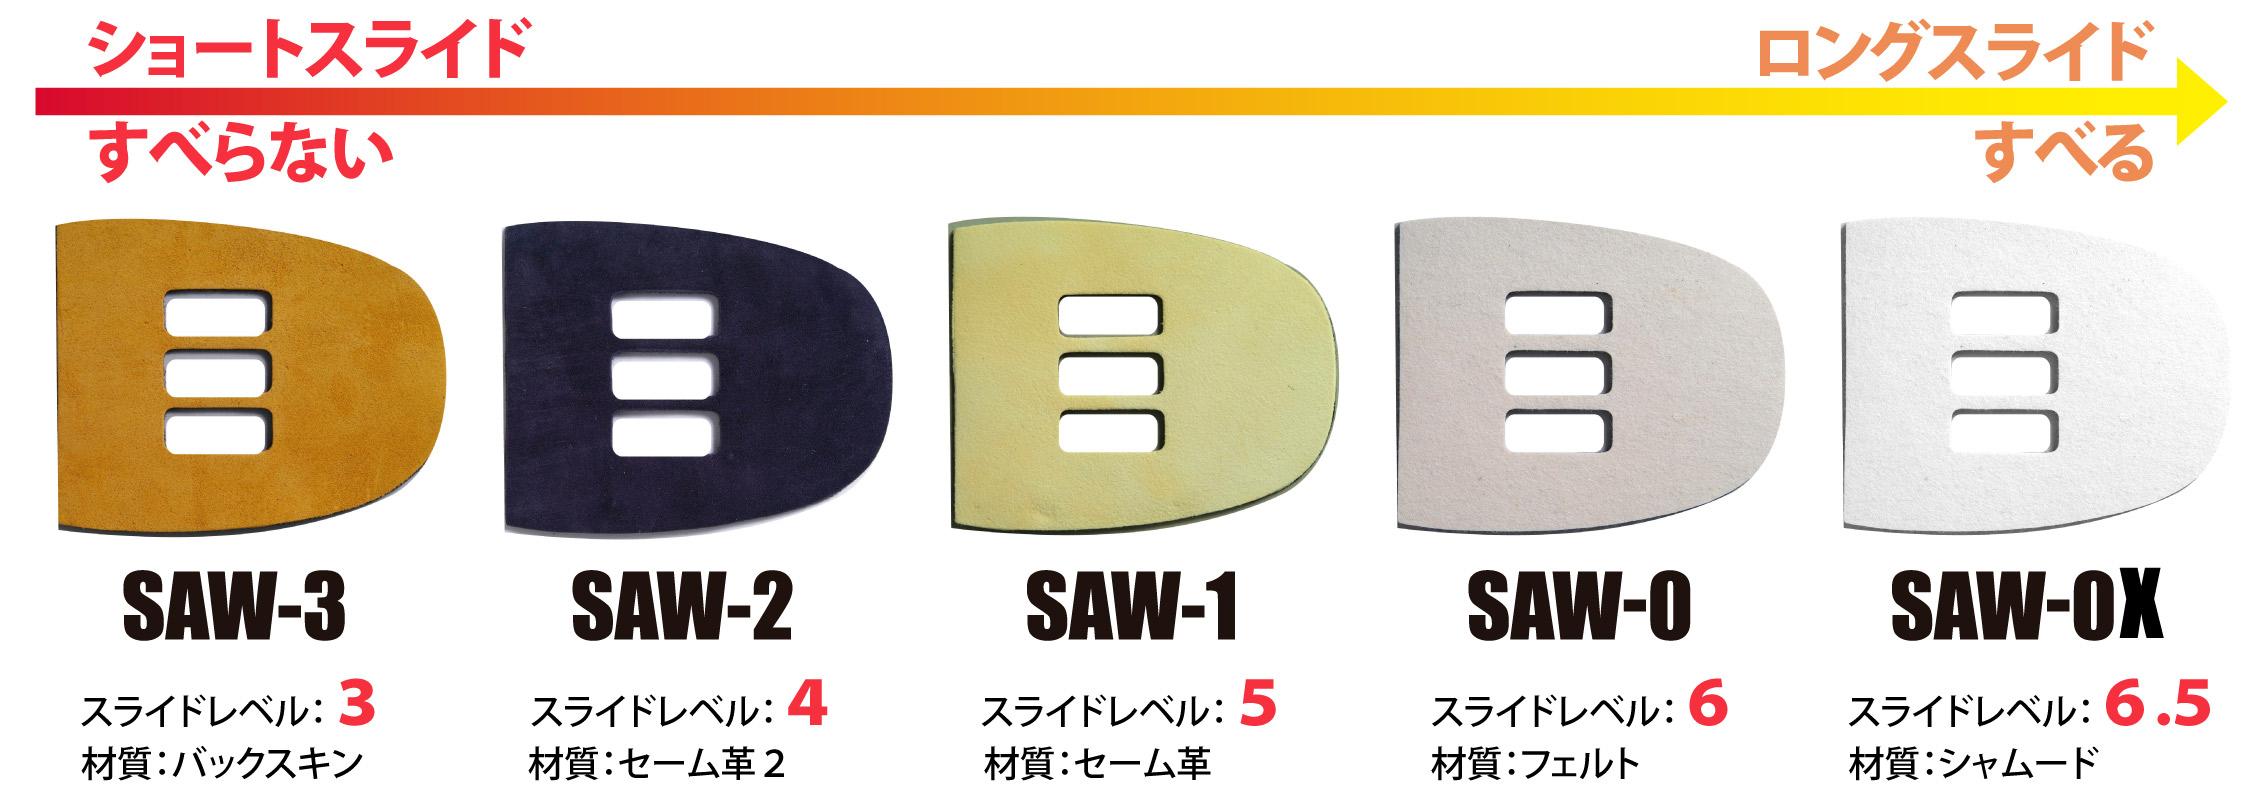 スライドソール SAW-0X